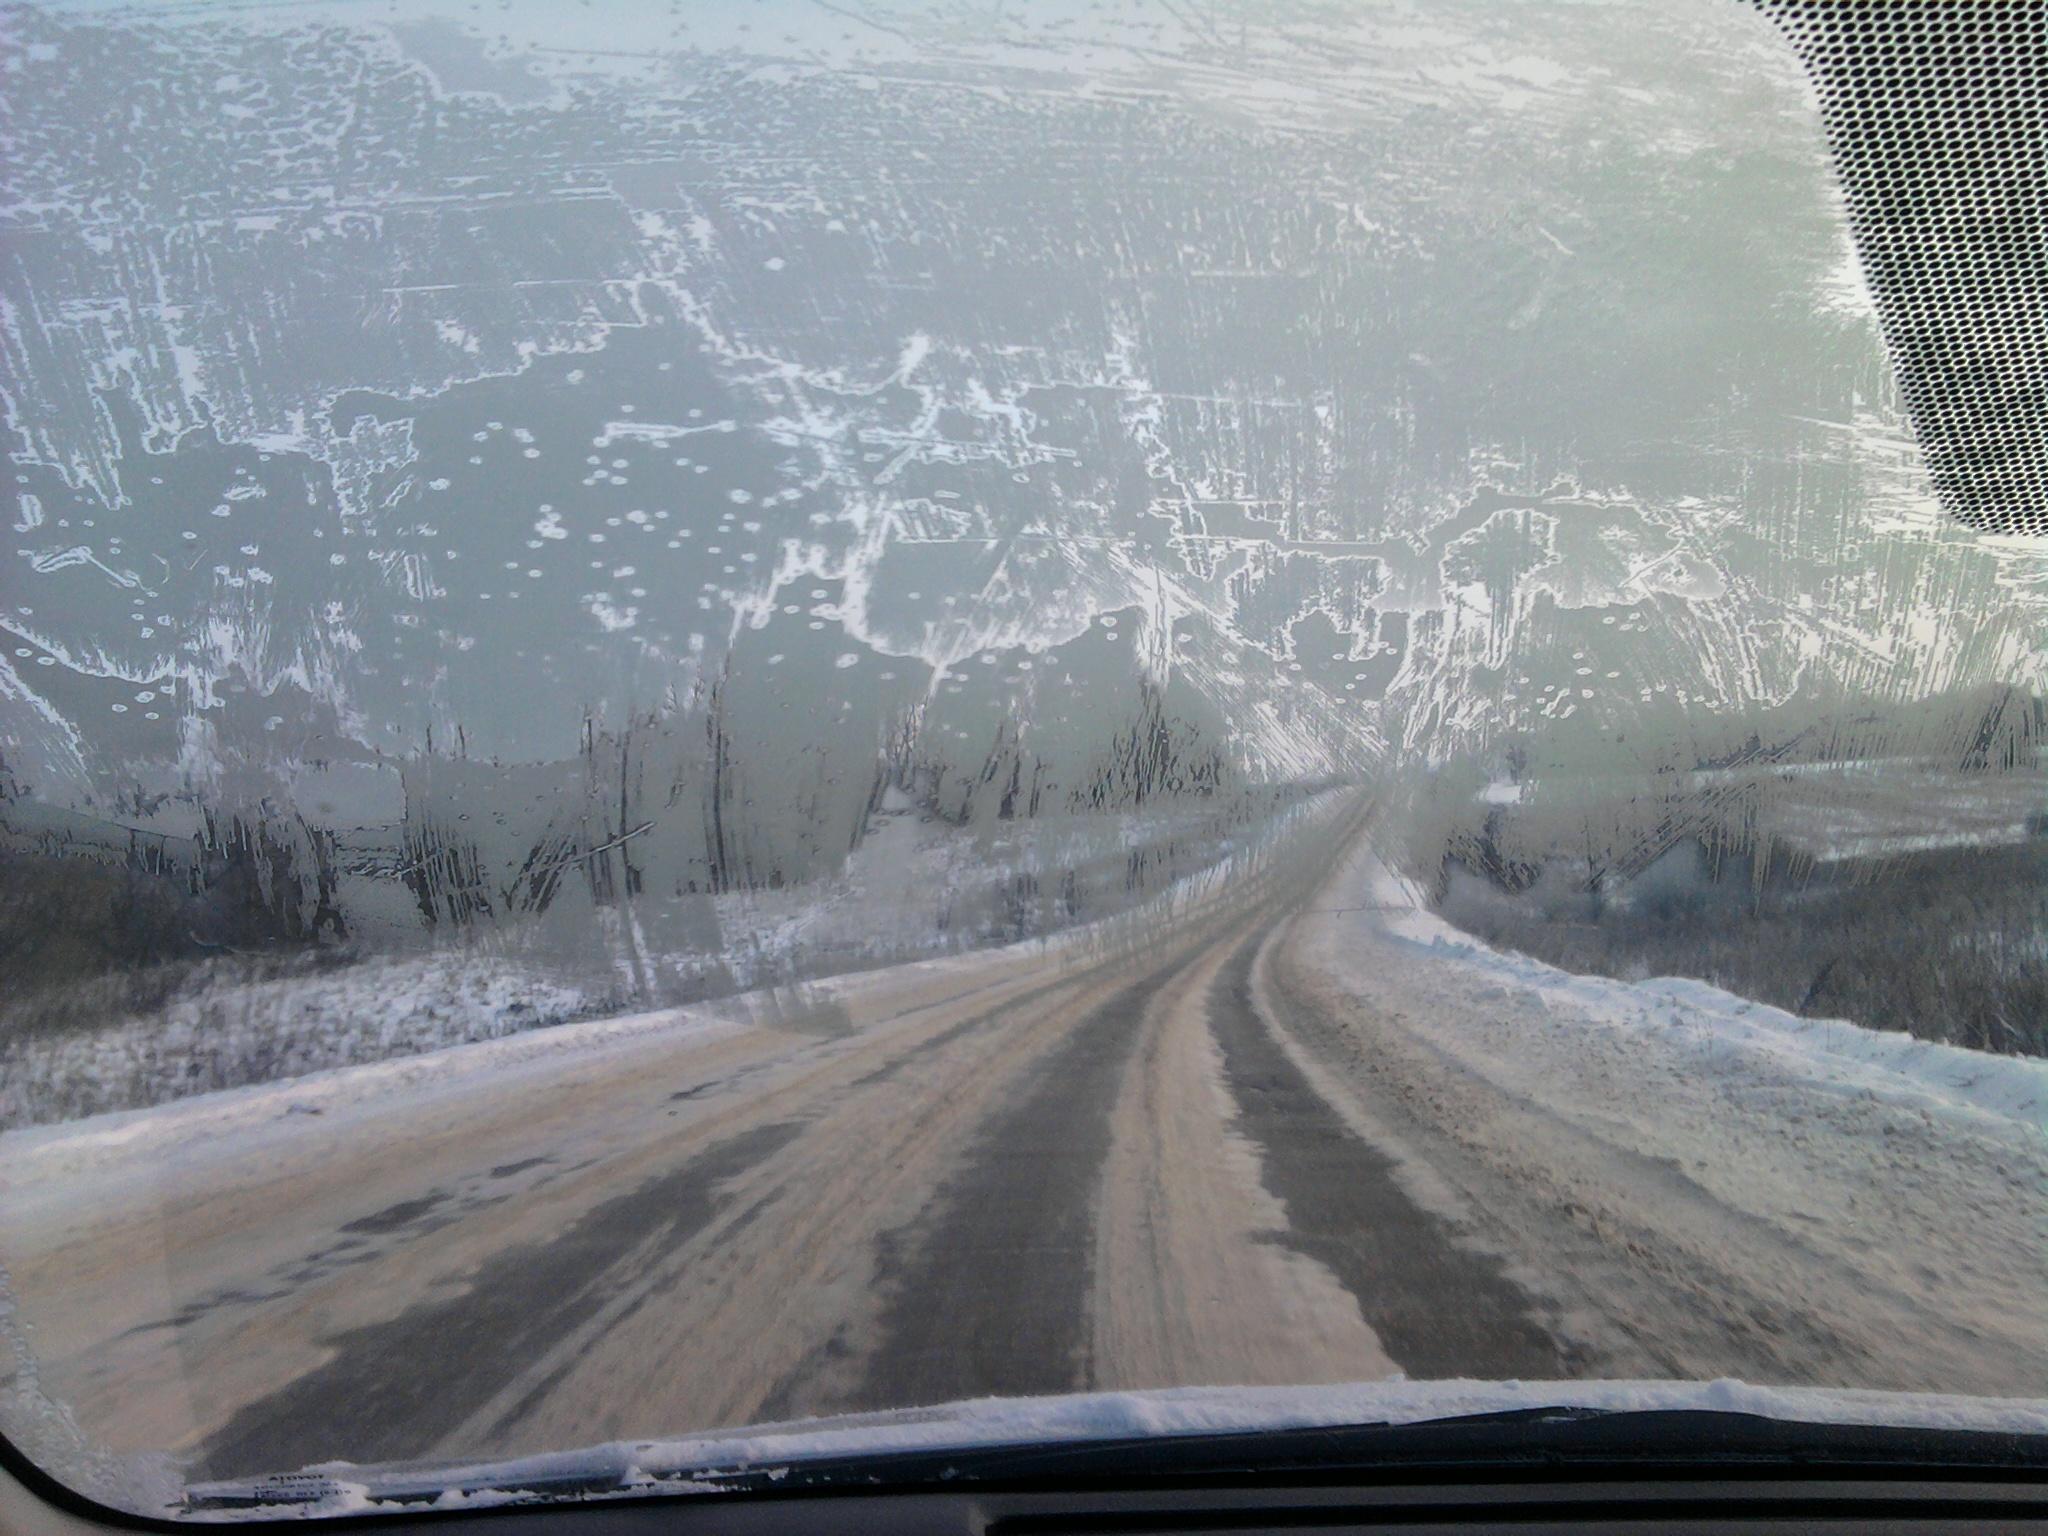 Причины повышенной влажности внутри салона автомобиля